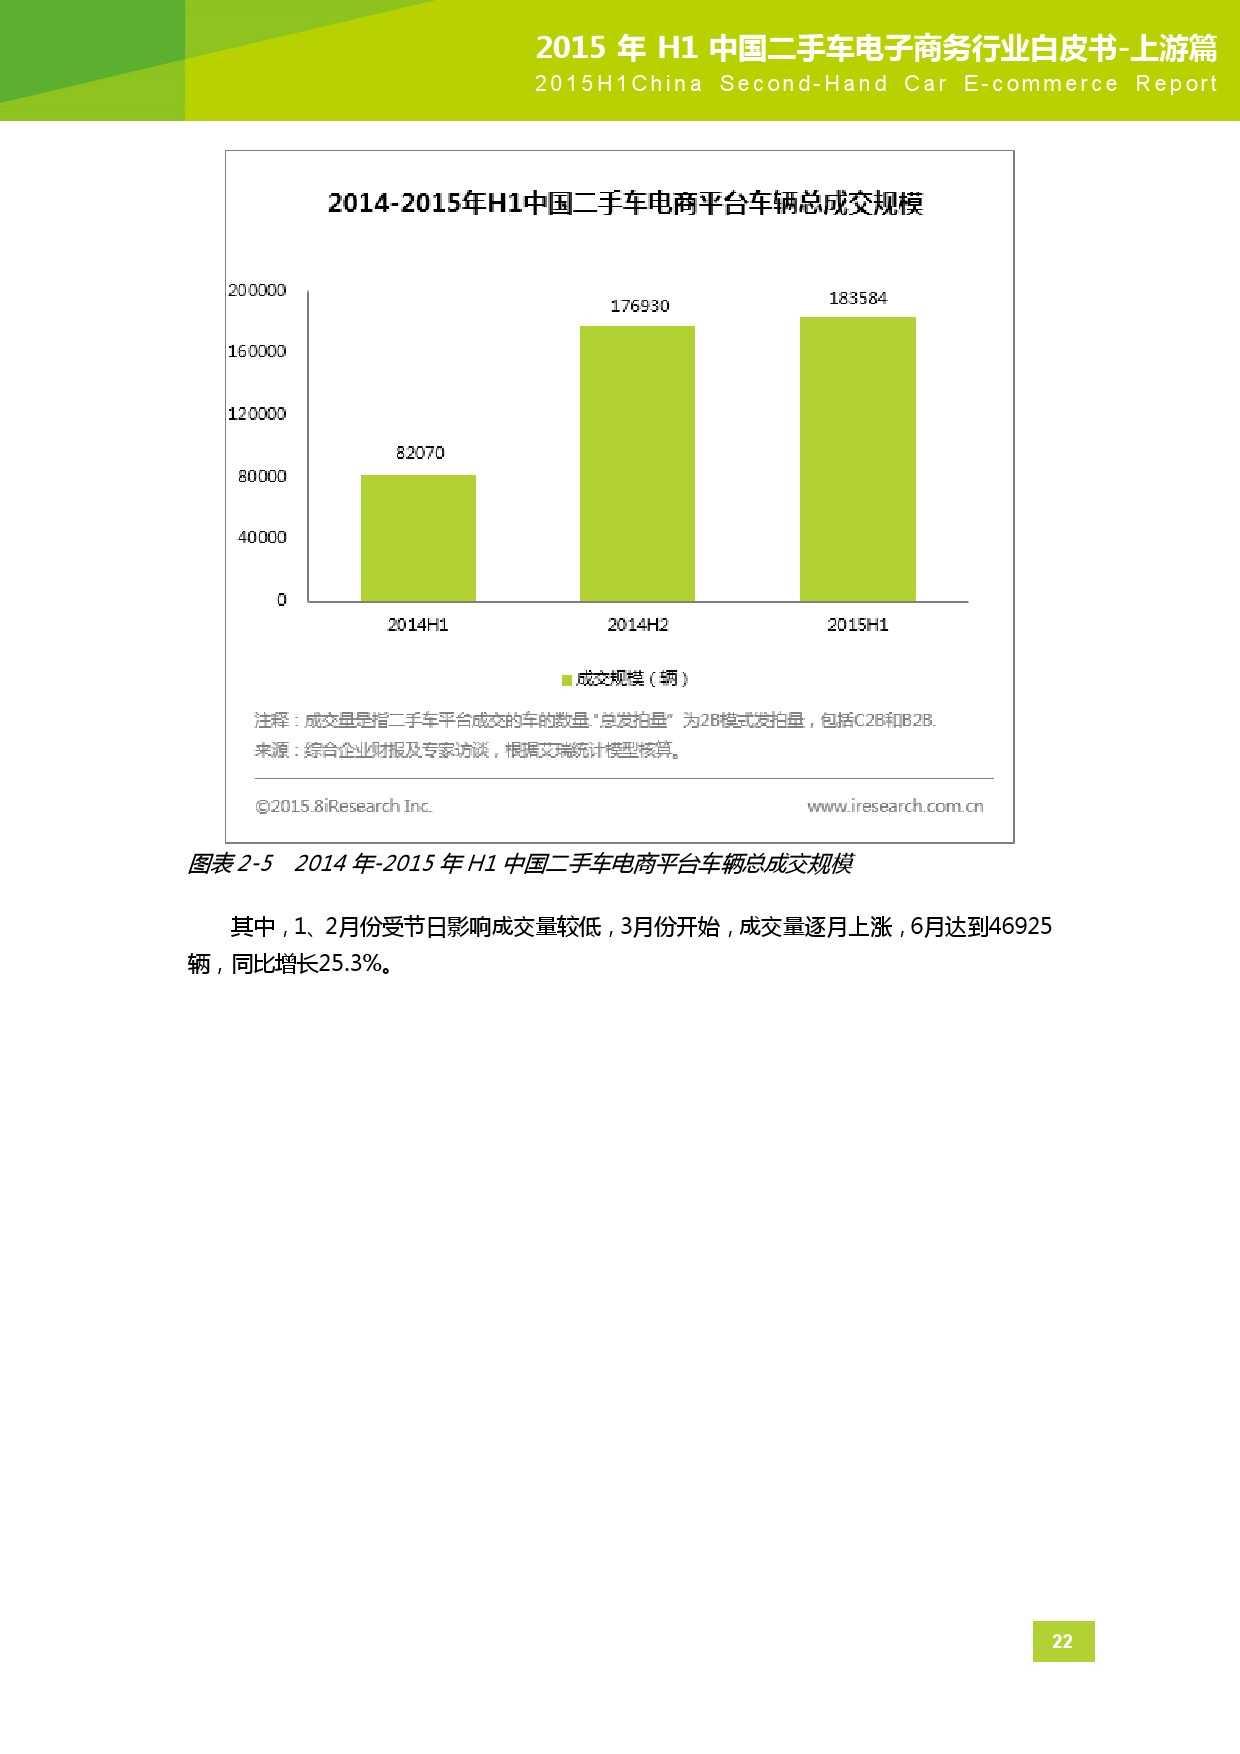 2015年中国二手车电子商务行业白皮书-上游篇_000023